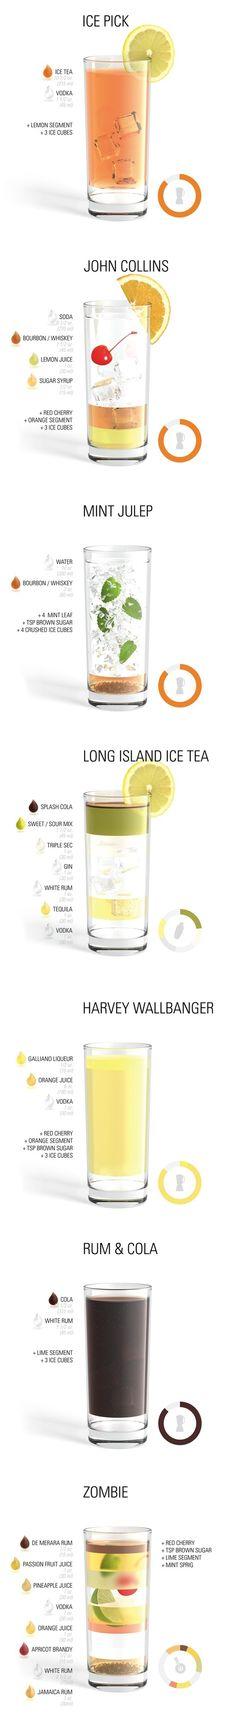 cocktail infographics // iconos de instrucciones